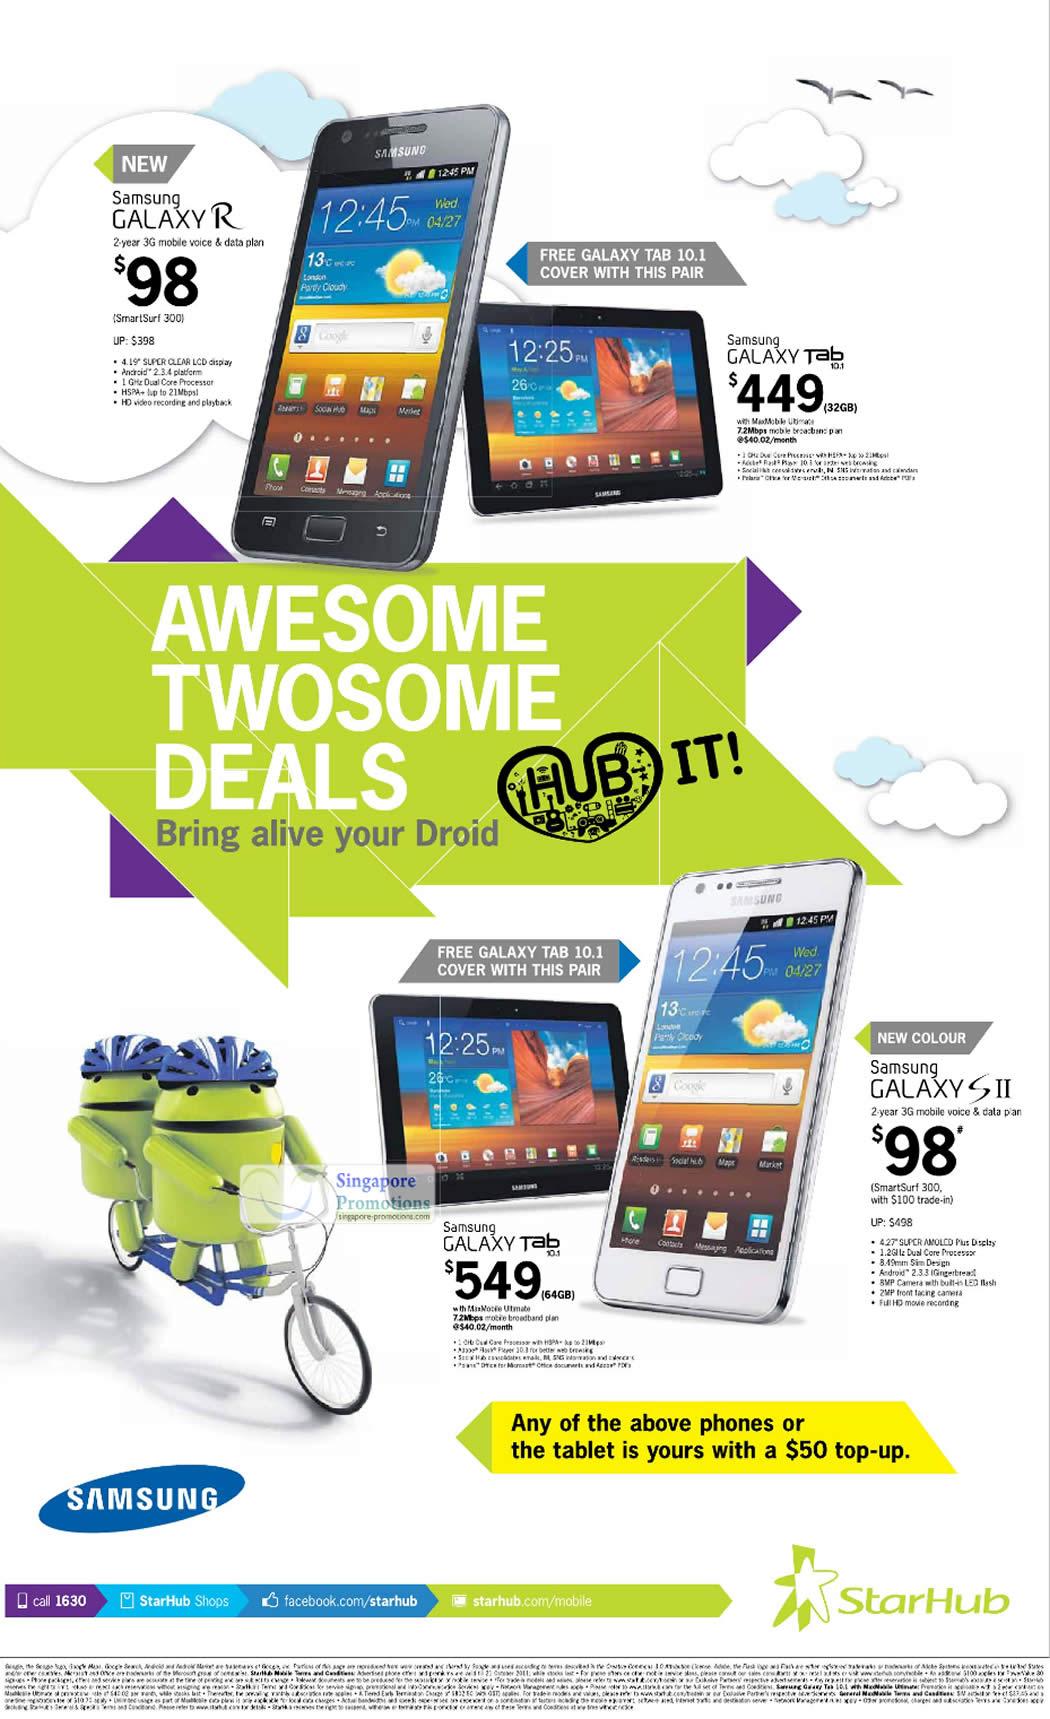 Pair Deals, Samsung Galaxy R, Samsung Galaxy Tab 10.1, Samsung Galaxy S II